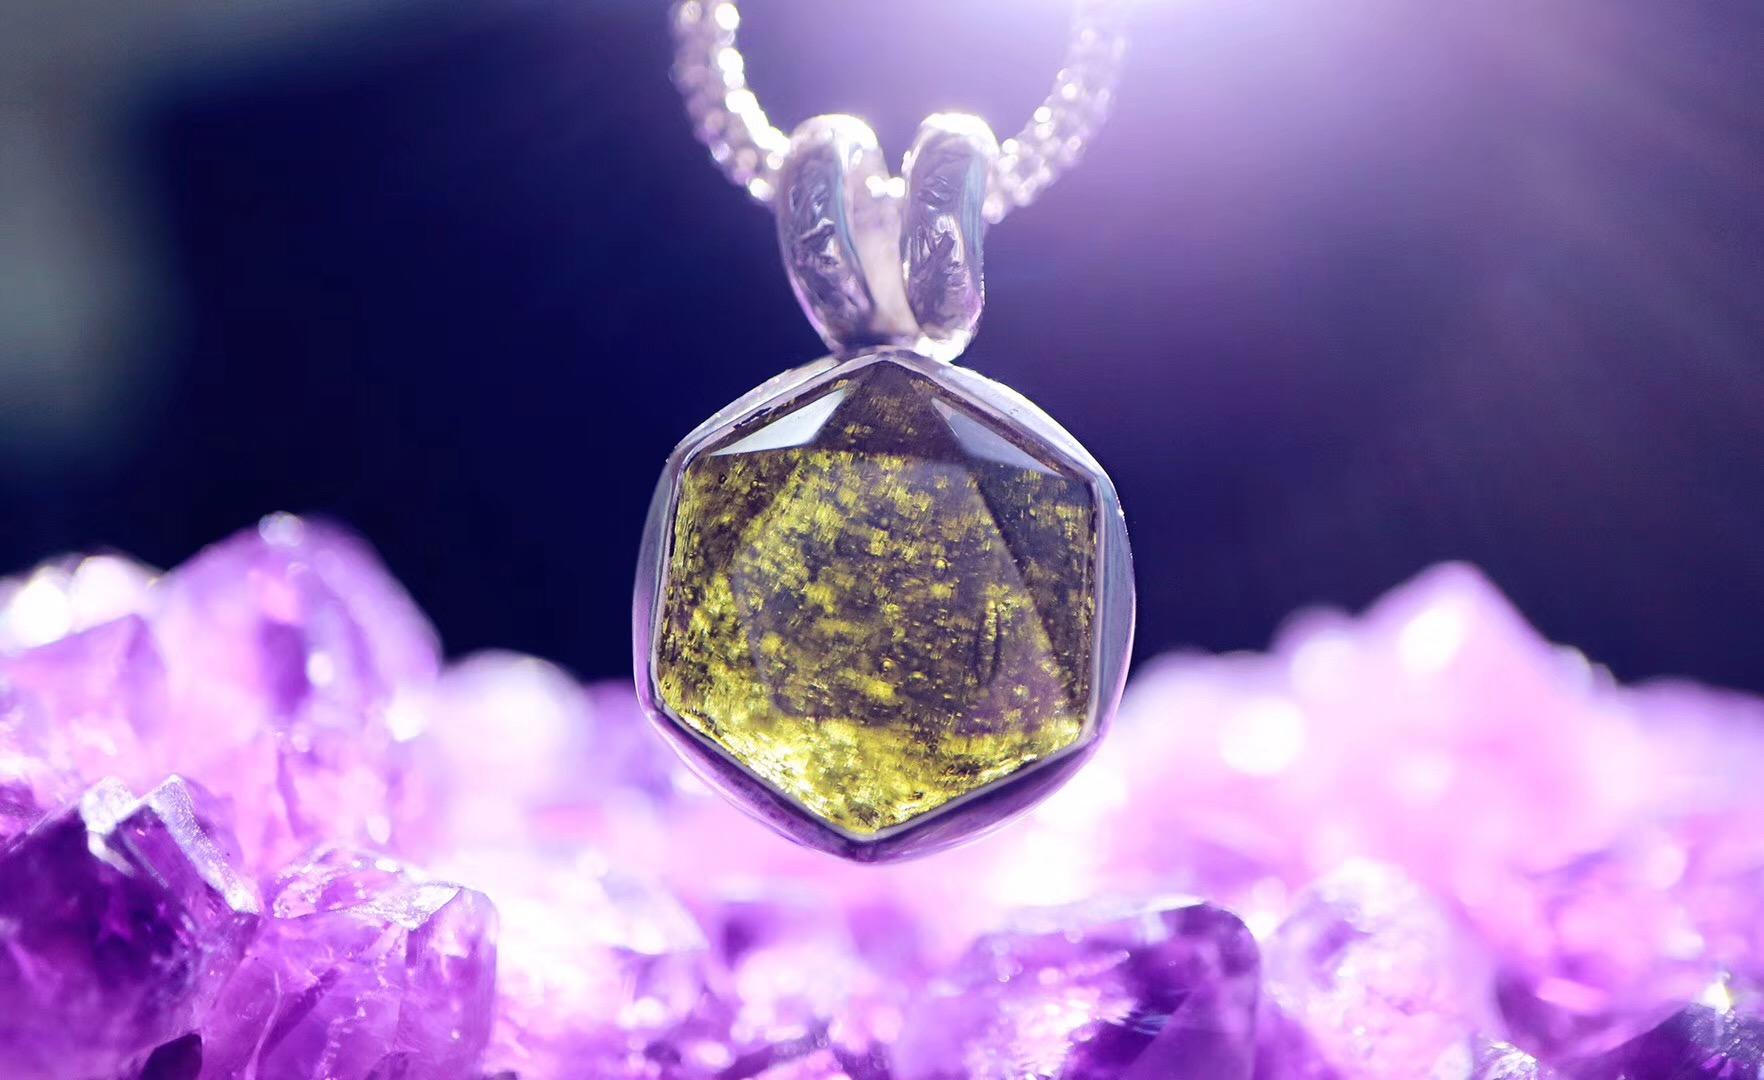 【菩心-梅尔卡巴&捷克陨石】全然打开心轮的能量,链接内心的无所不能-菩心晶舍